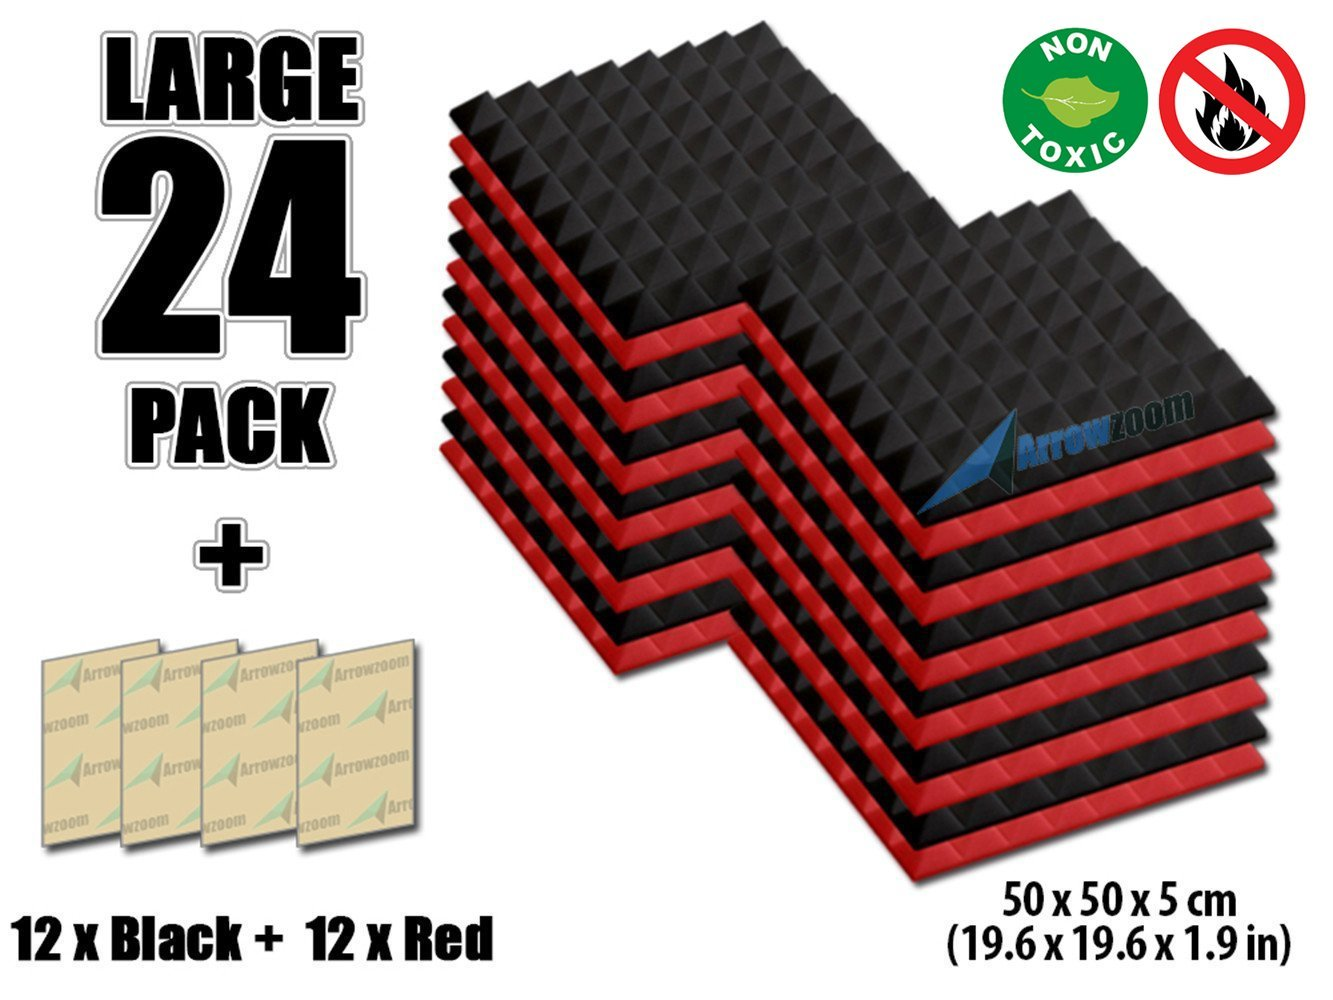 ピラミッドの新しい24パックarrowzoom Soundproofing断熱材Acoustic壁Foam Padding Studio Foamタイルaz1034 19.6 X 19.6 X 1.9 Inches AZ181 B01H4U4MNO 19.6 X 19.6 X 1.9 Inches|レッド&ブラック レッド&ブラック 19.6 X 19.6 X 1.9 Inches